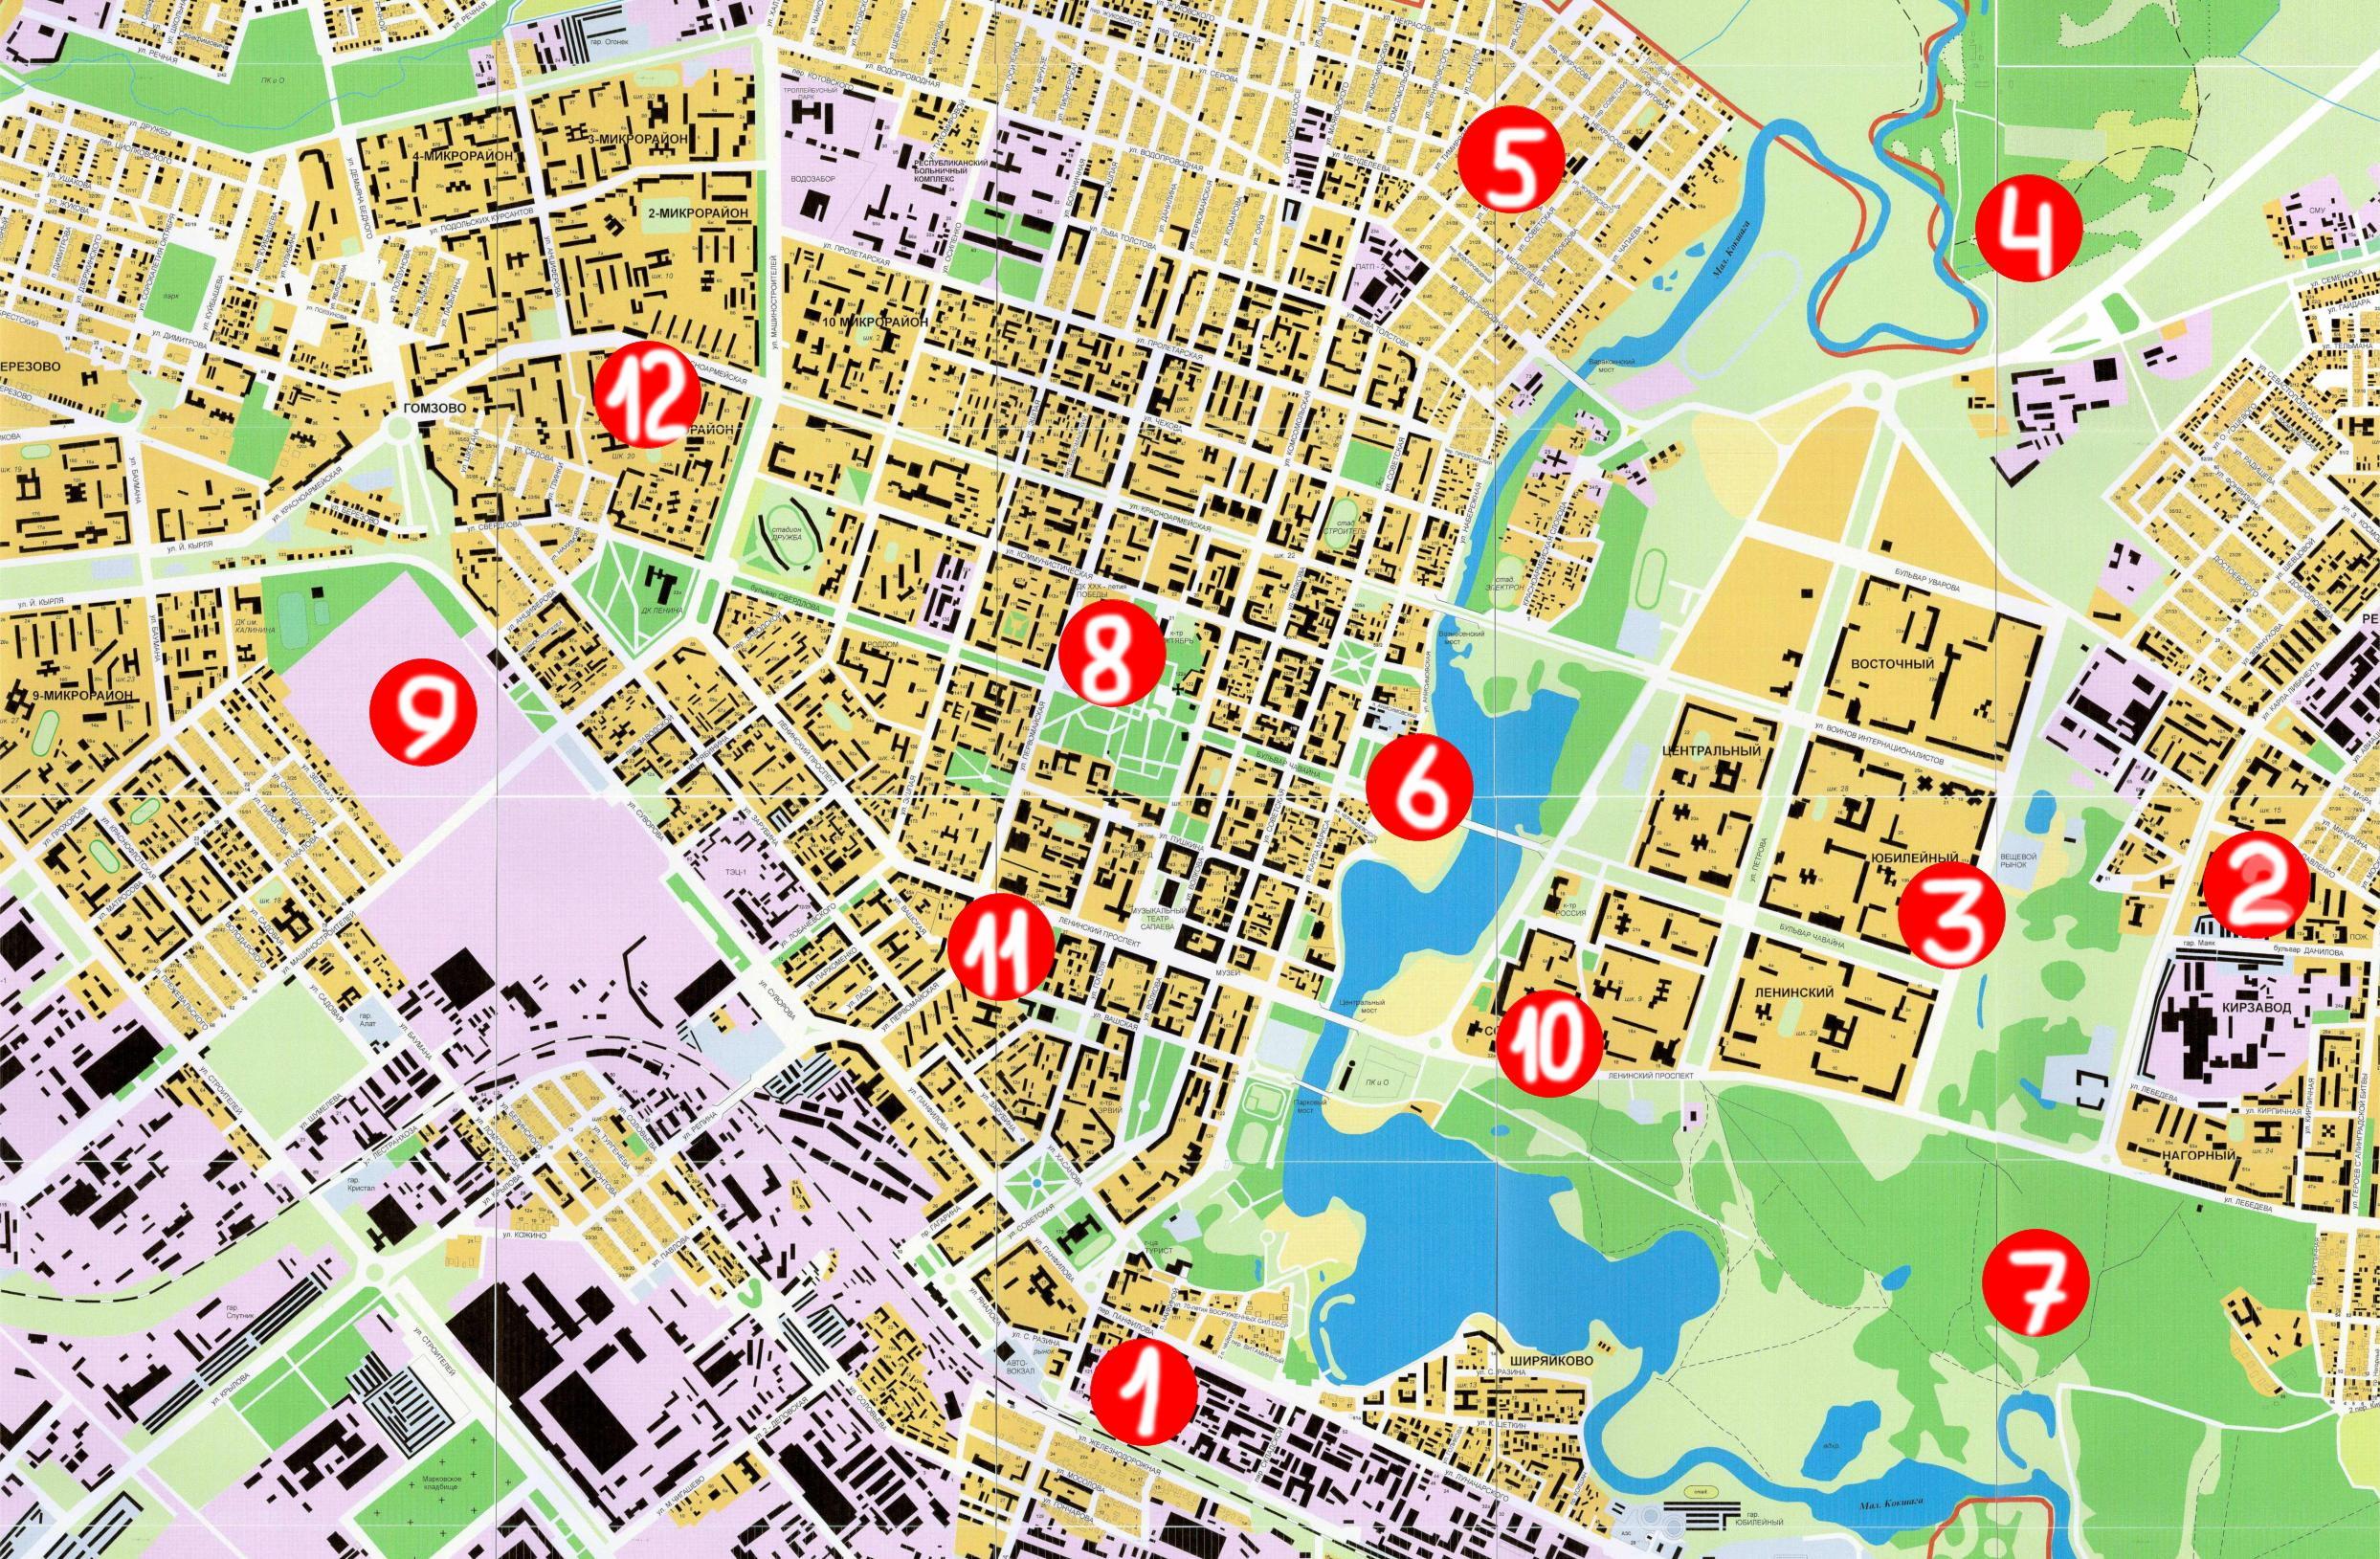 улицы города карта с фото глубокая, разделена